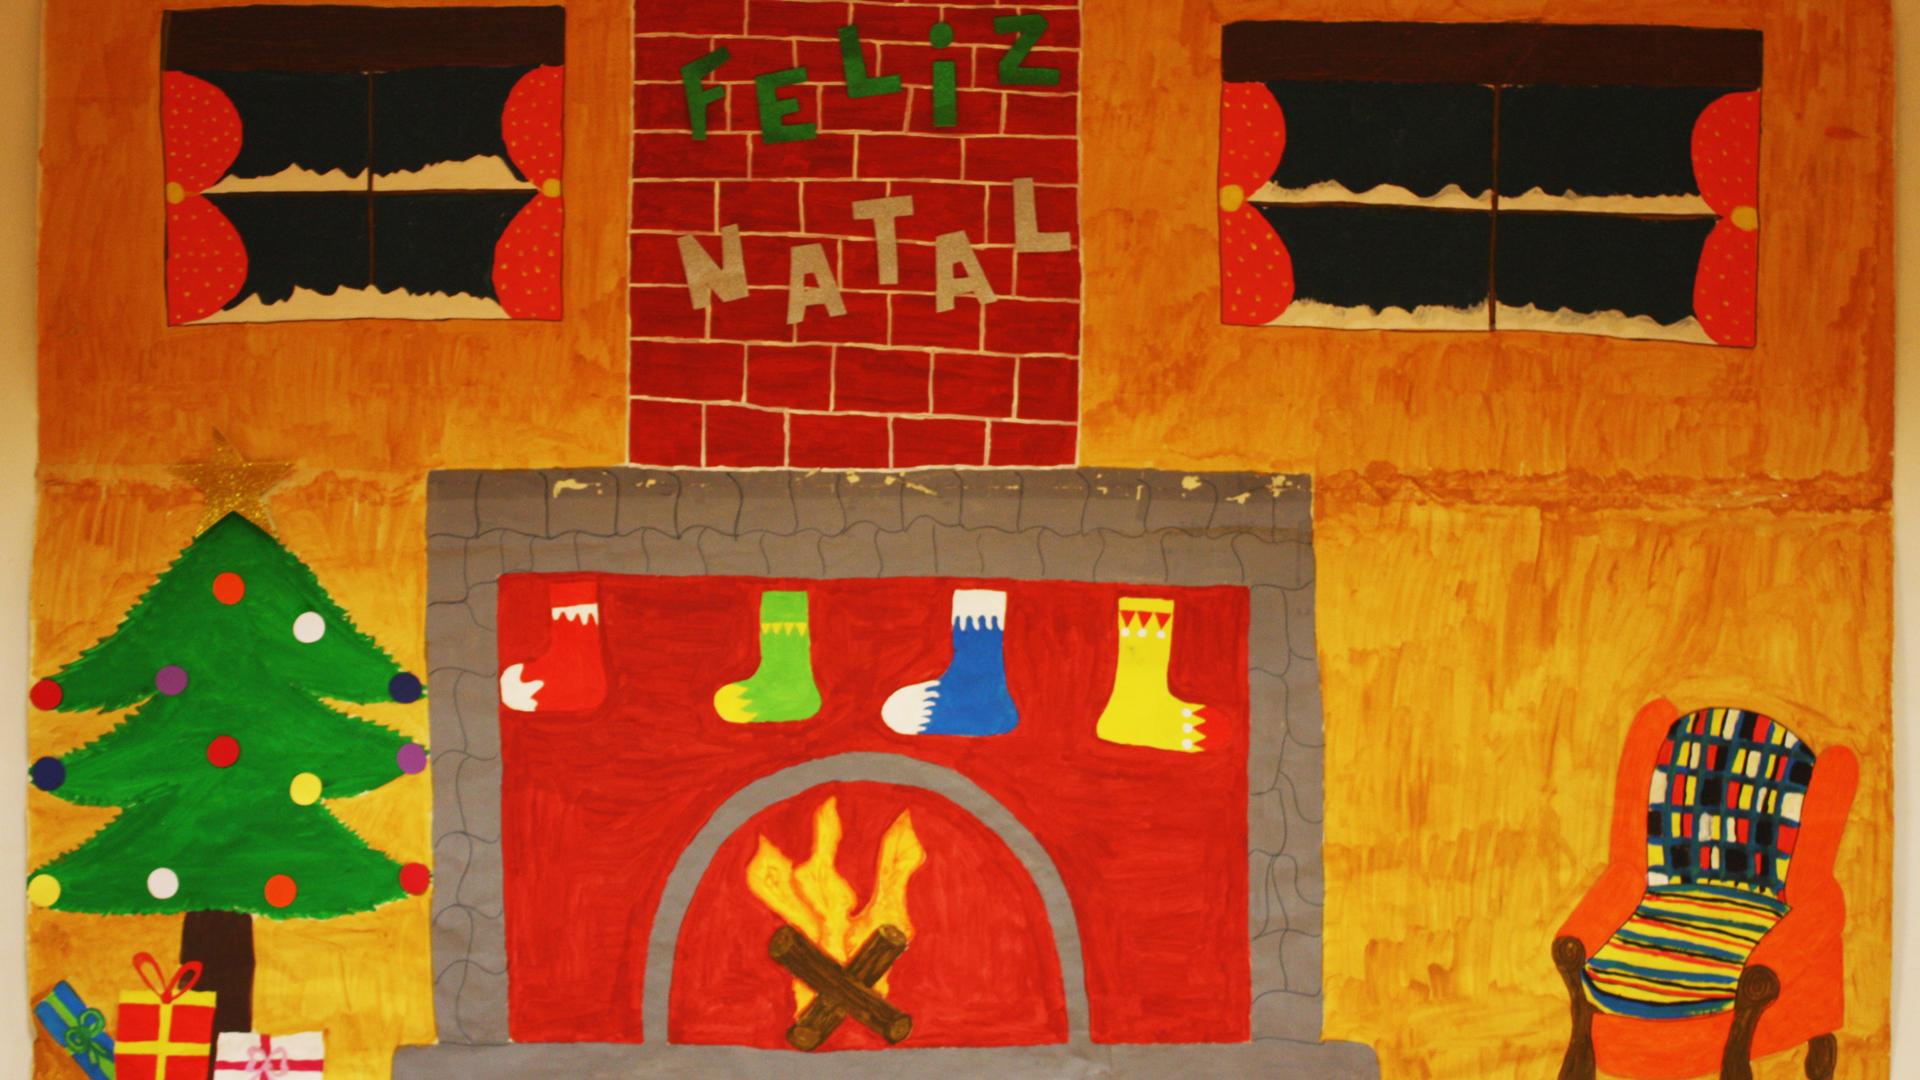 Festa de Natal Woogui Boogui